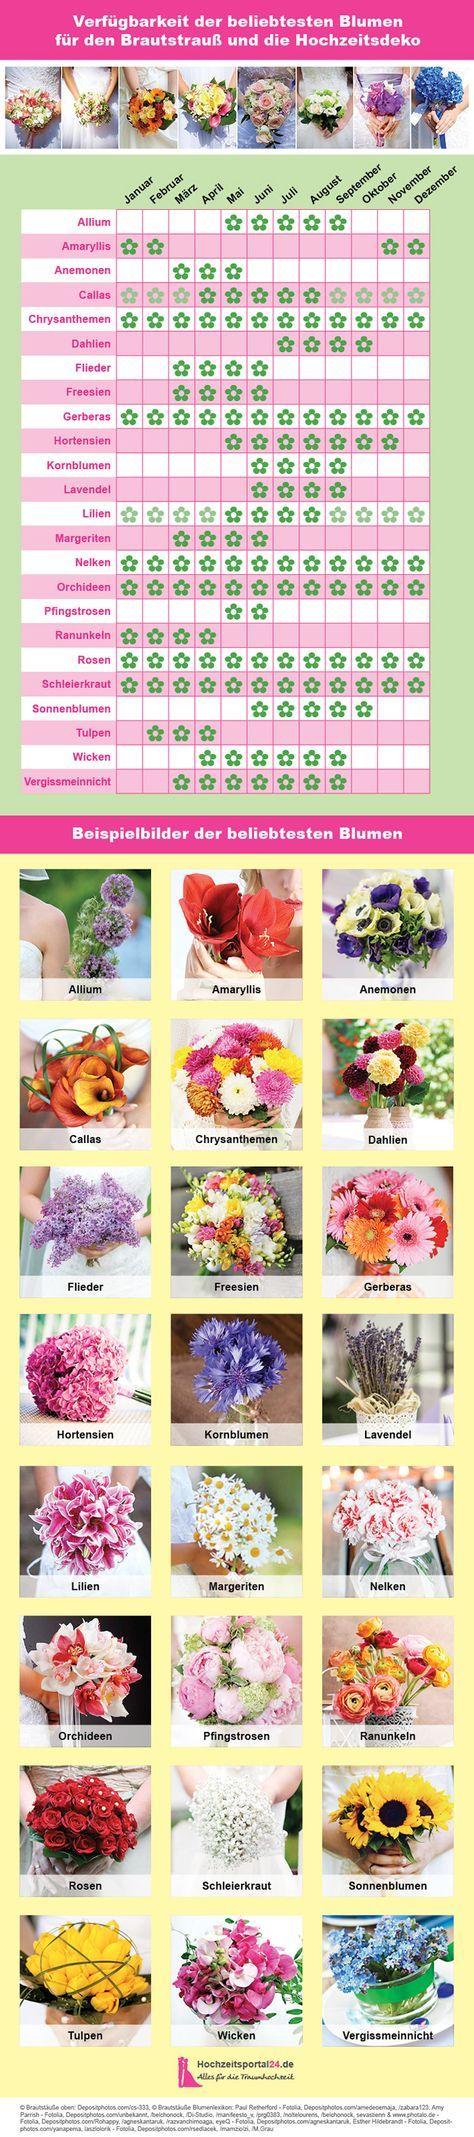 Blumenlexikon und Verfügbarkeit der Blumen für die Hochzeitsdeko, den Brautstrauß oder die Tischdeko zur Hochzeit. #blumenfürgarten